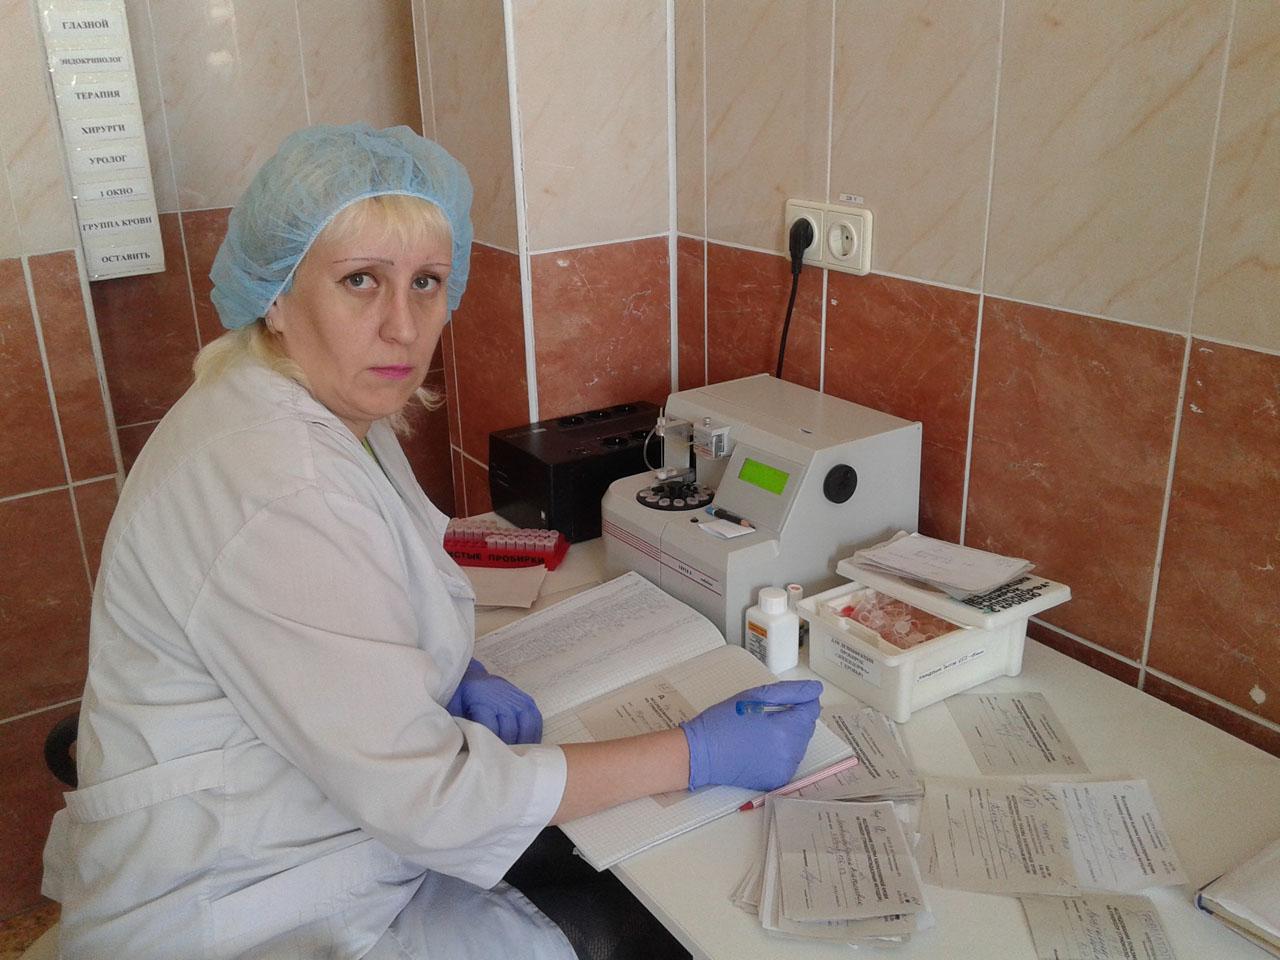 Расписание врачей поликлиники 17 тюмени